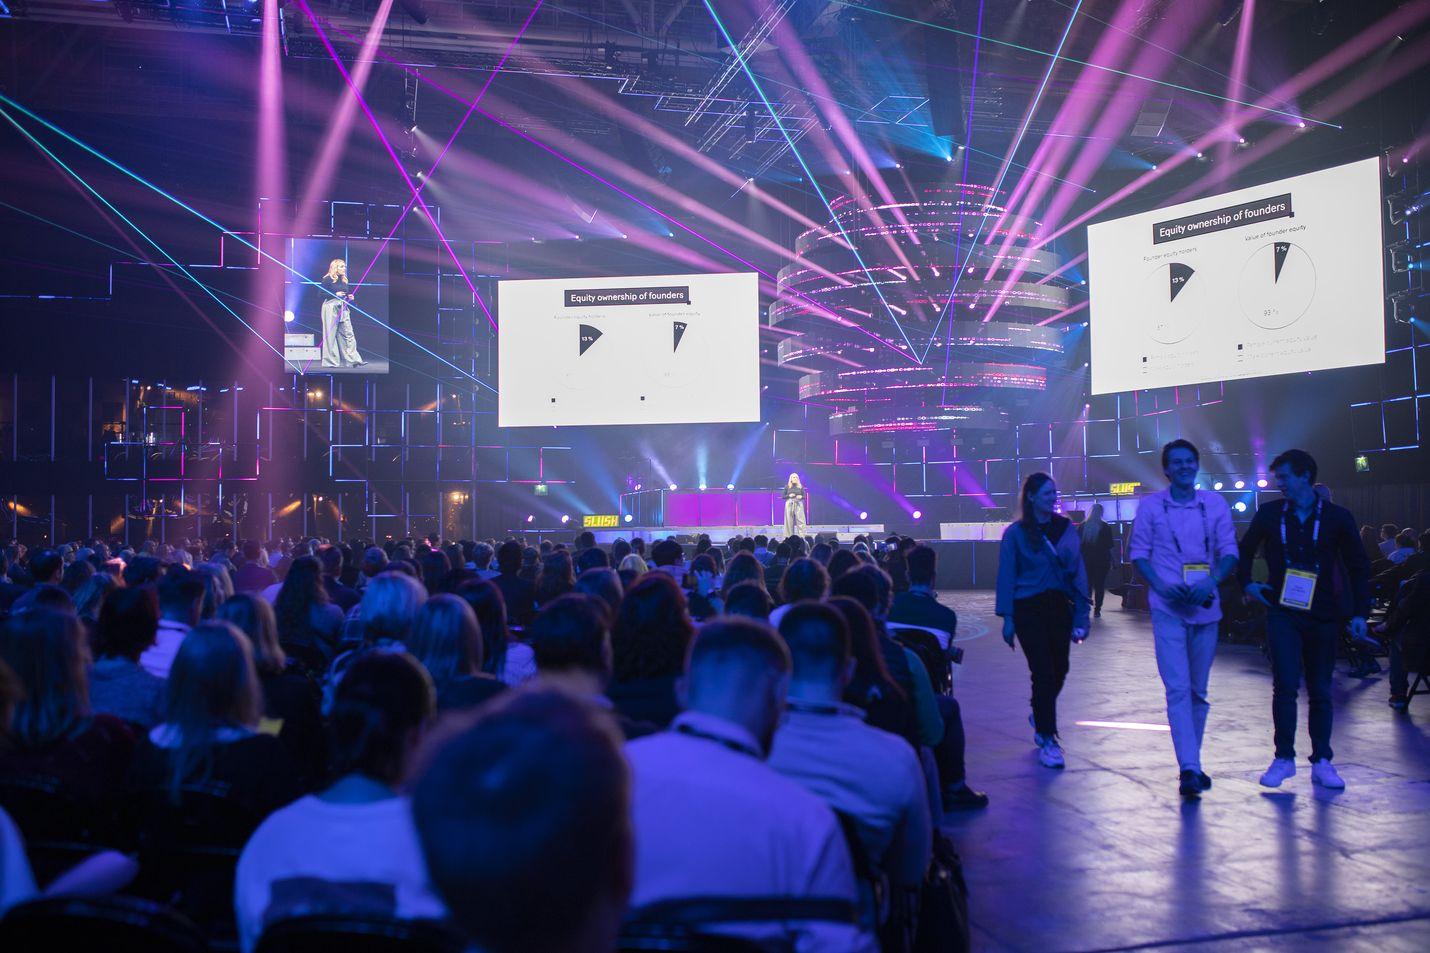 Teknologia- ja sijoitusyhtiöiden puhujien esitykset ovat Slushin suosituimpia ohjelmanumeroita.